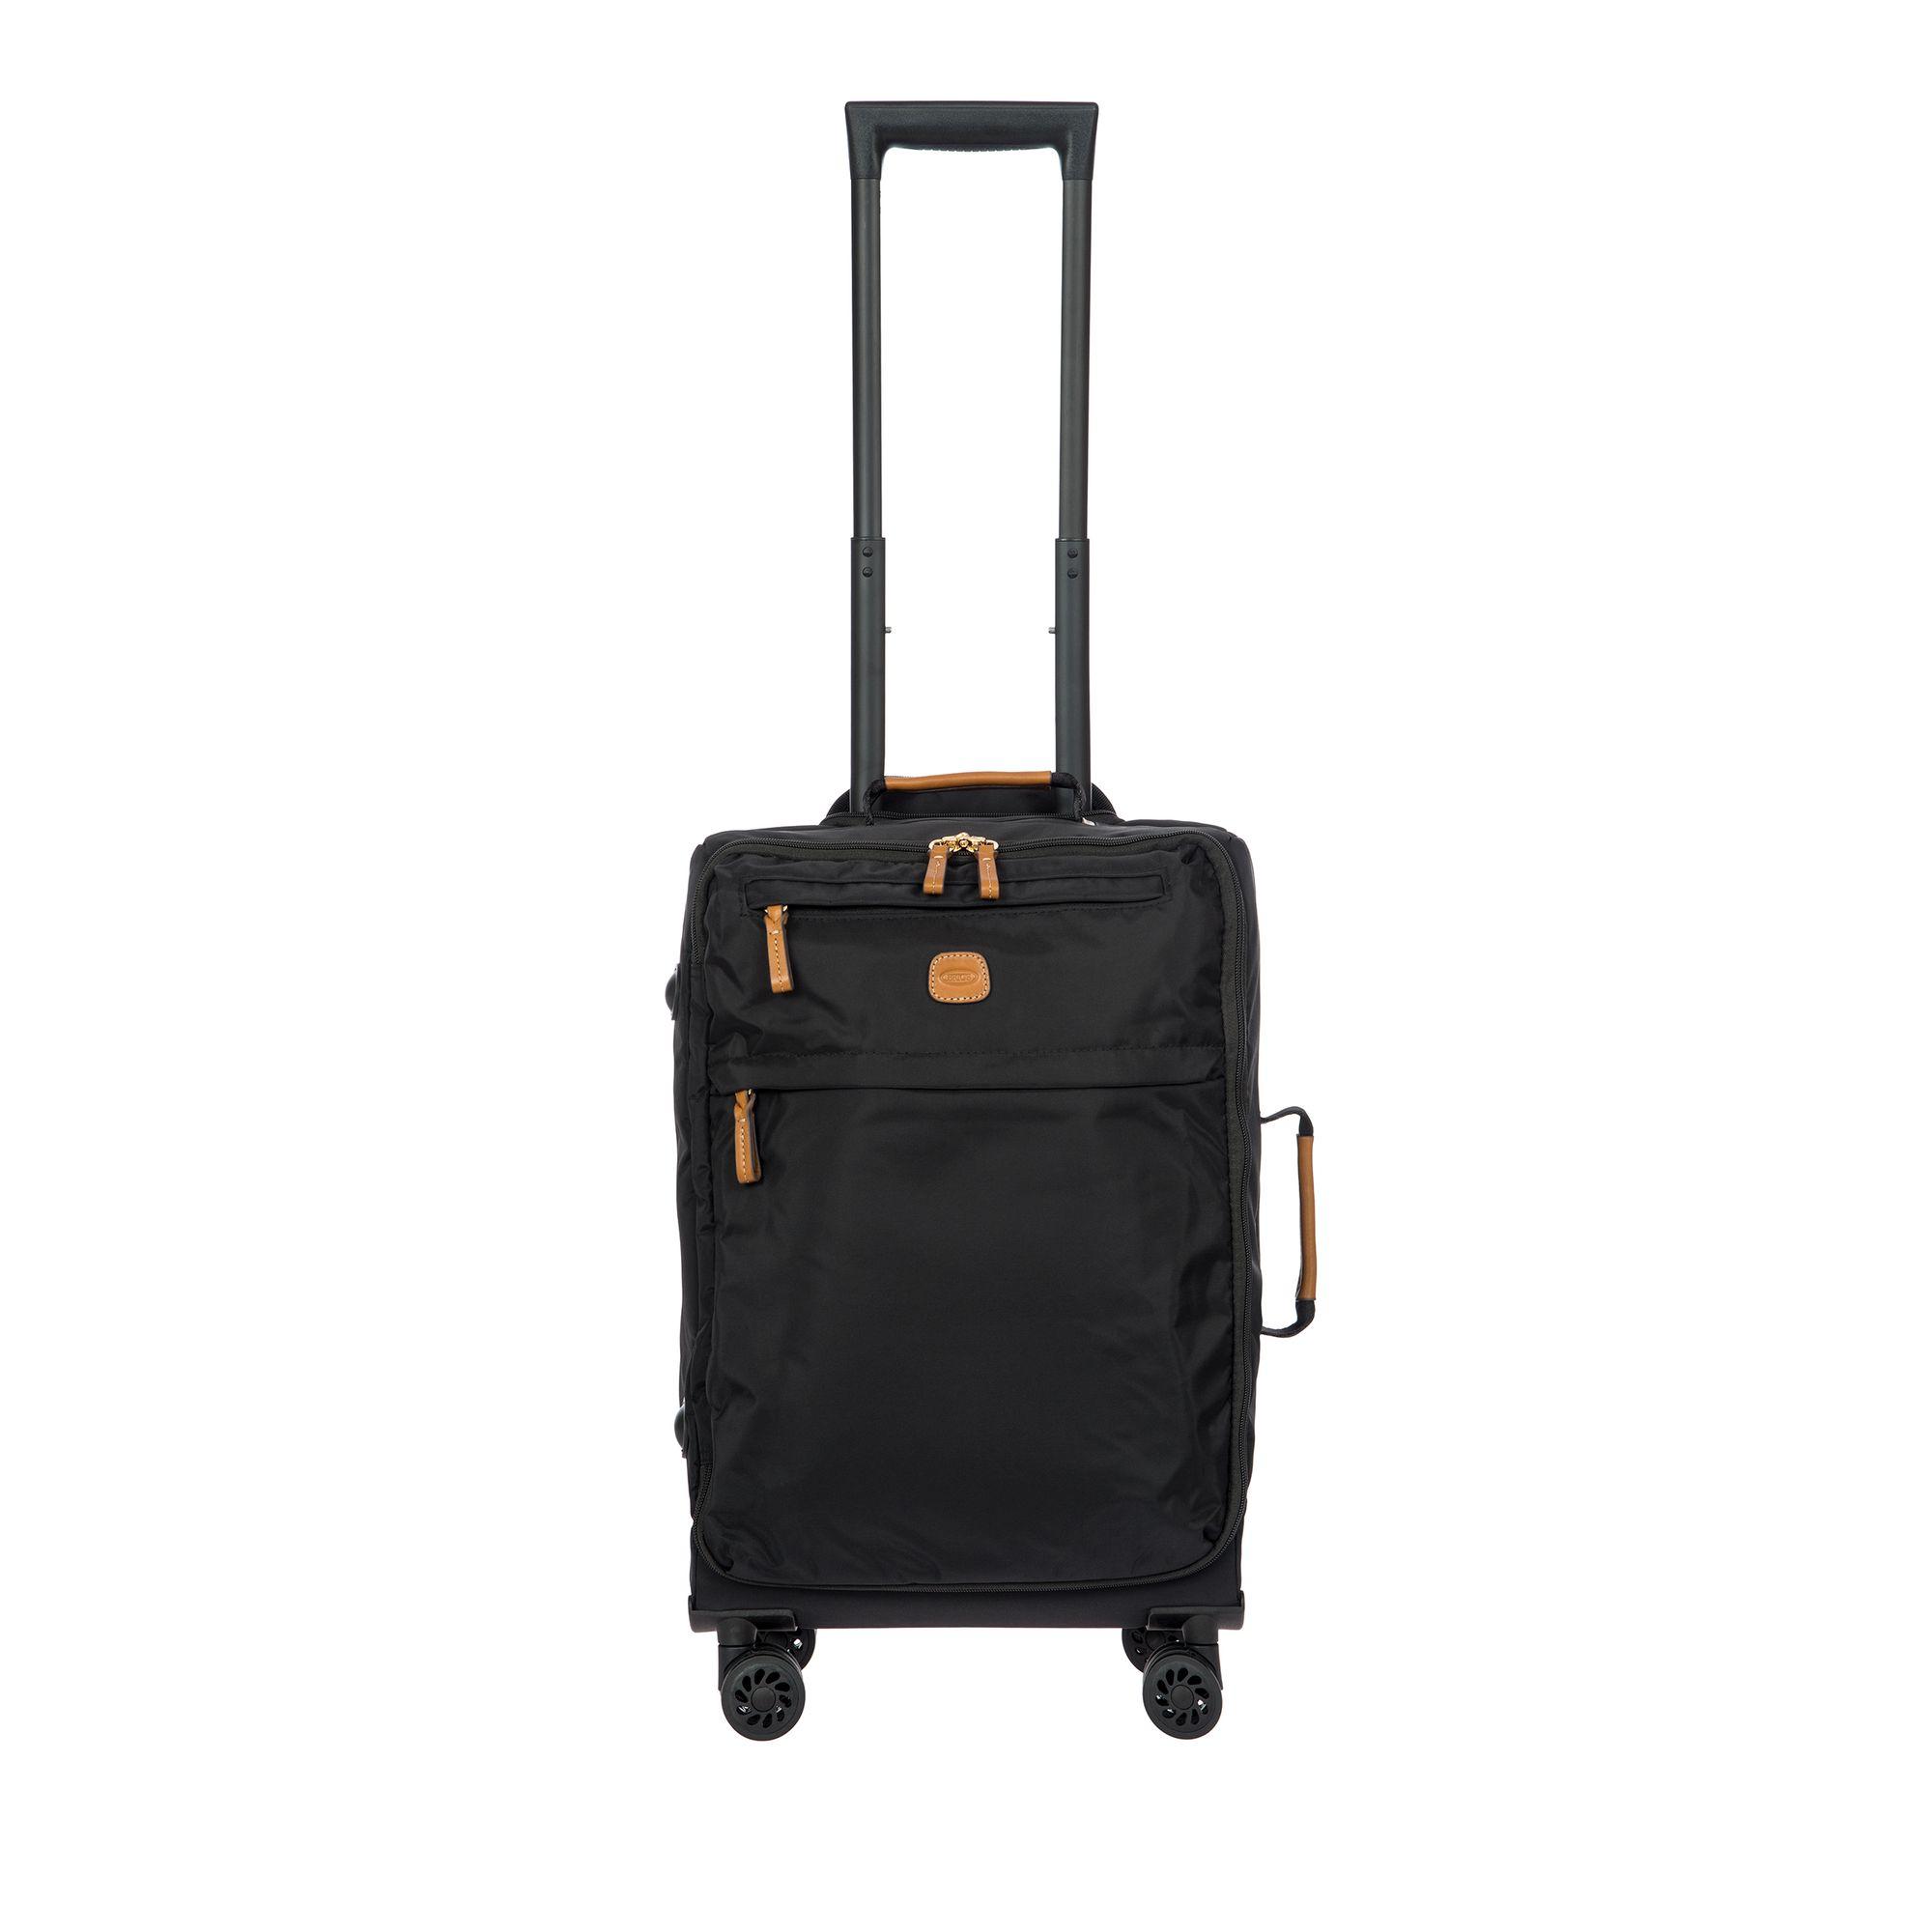 BRIC'S X-Travel mjuk kabinväska i nylon, 4 hjul, 55 cm, Svart